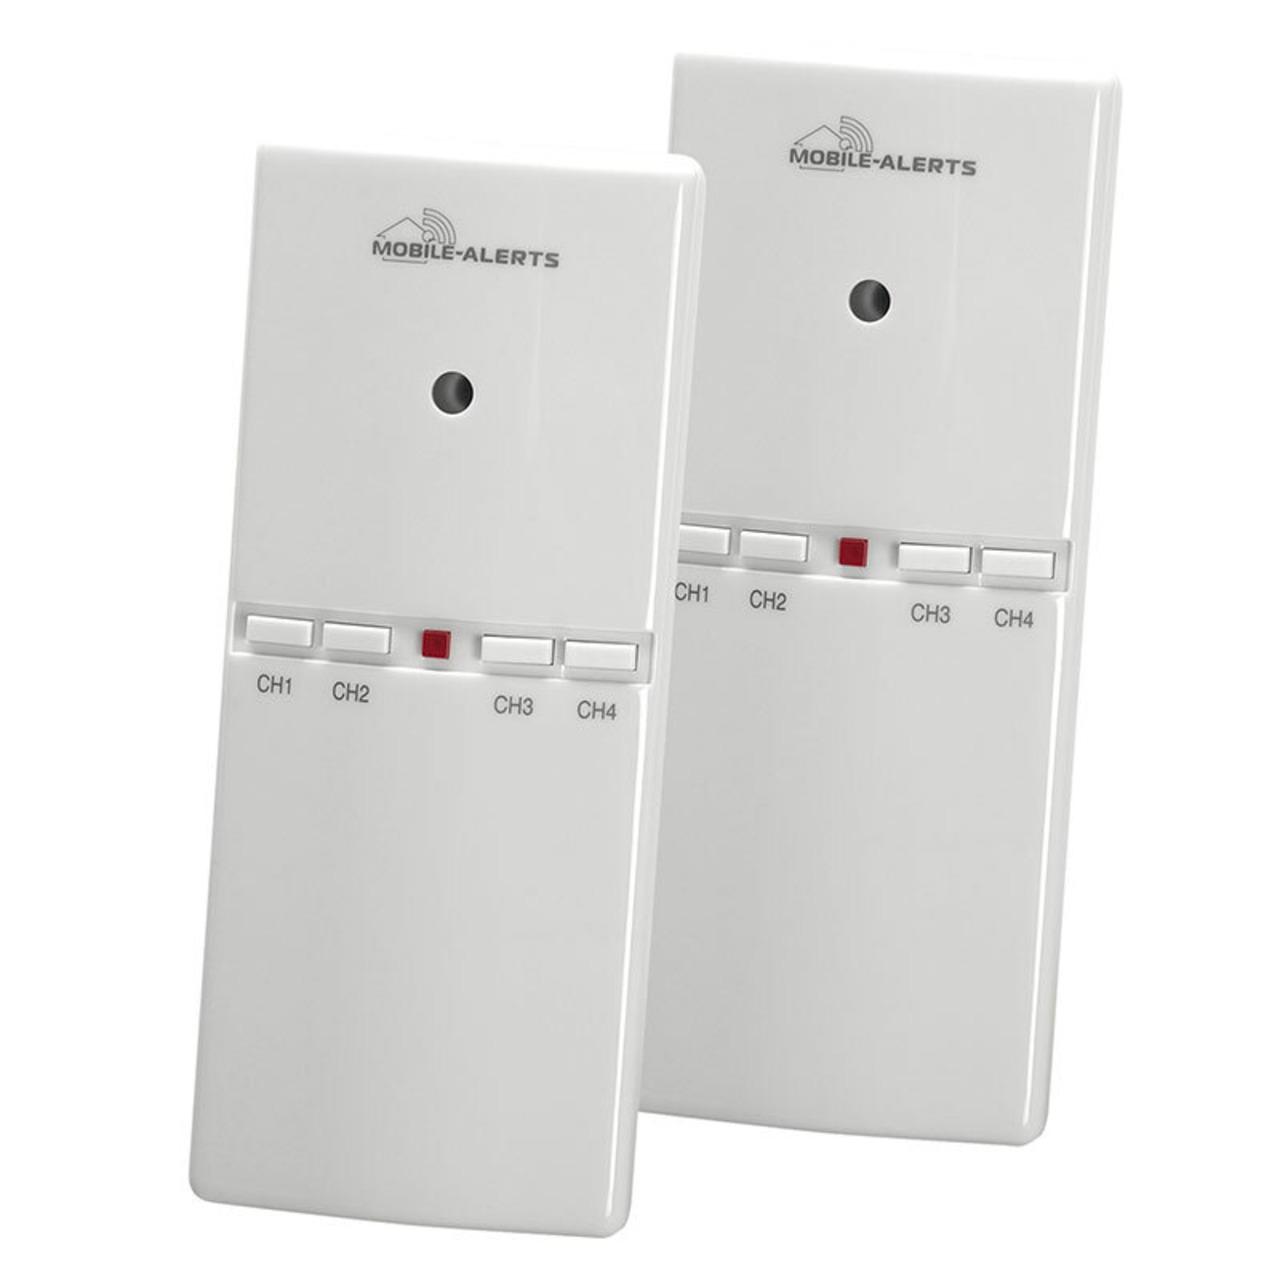 ELV Mobile Alerts Alarmgeber MA10860 für Gefahrenmelder- inkl- Temperatursensor- 2er Set